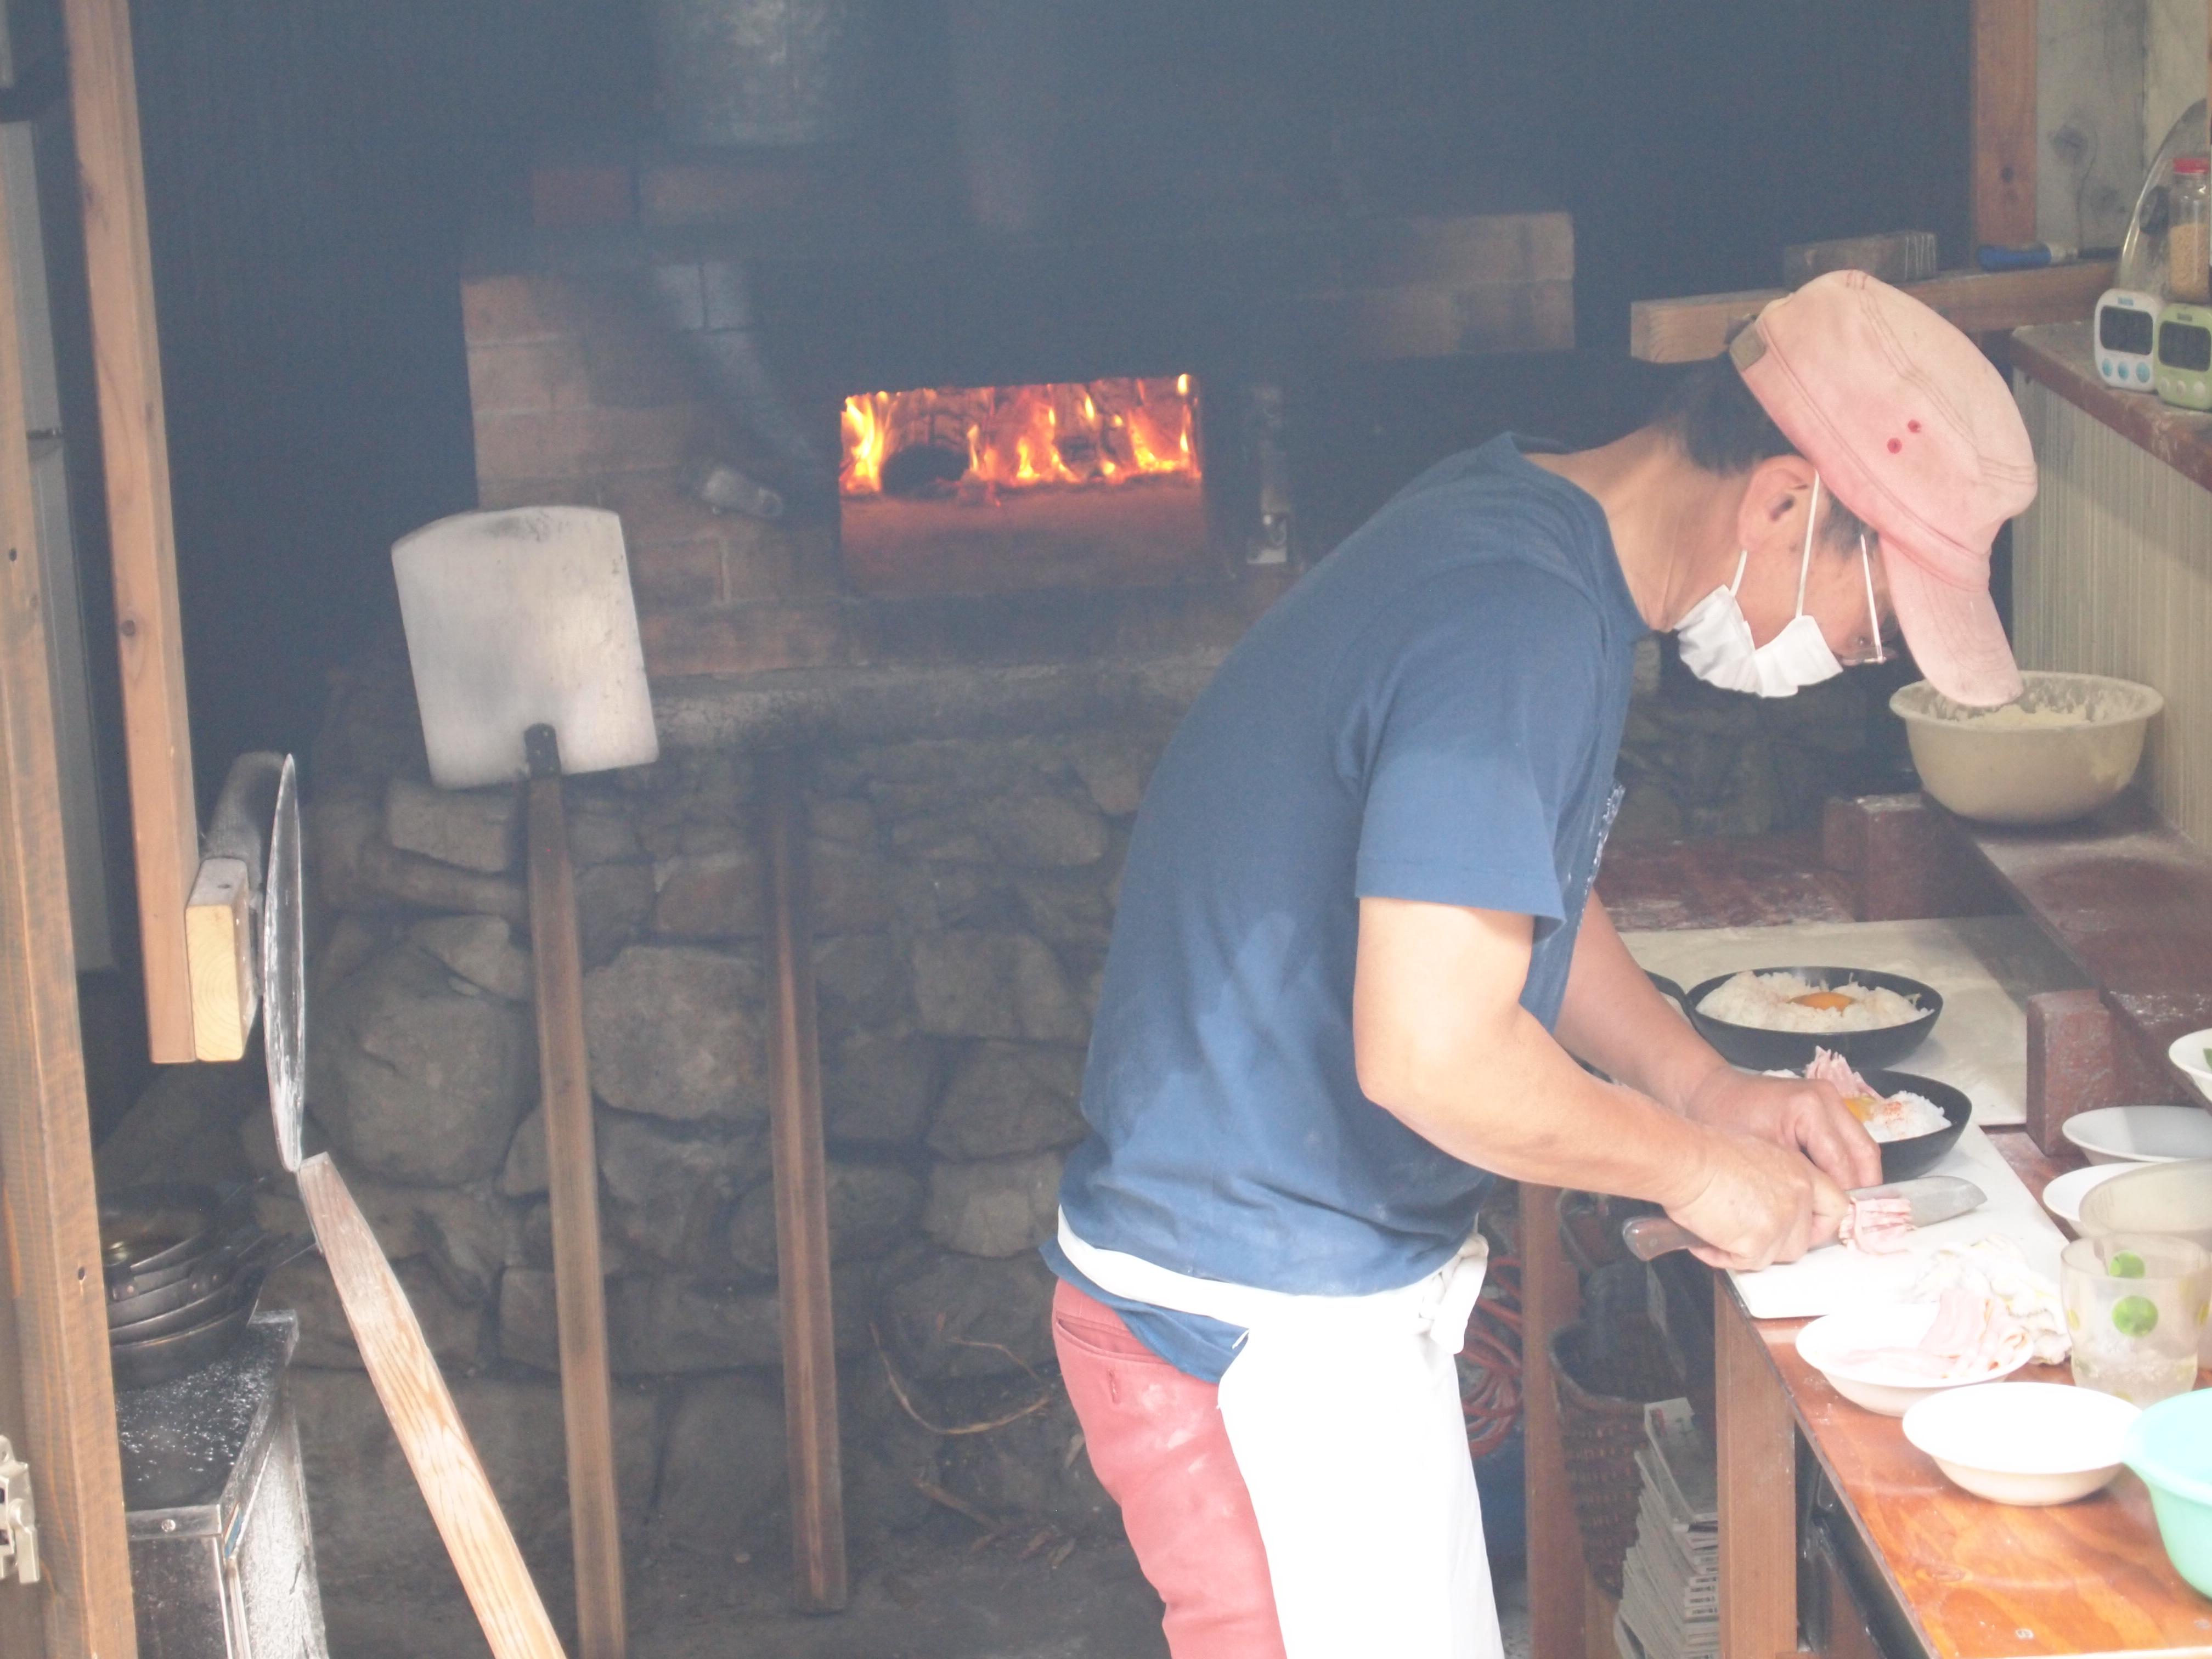 テラス席からは石釜でピザを焼いている姿が見えます。 焼いているのは民宿のご主人。